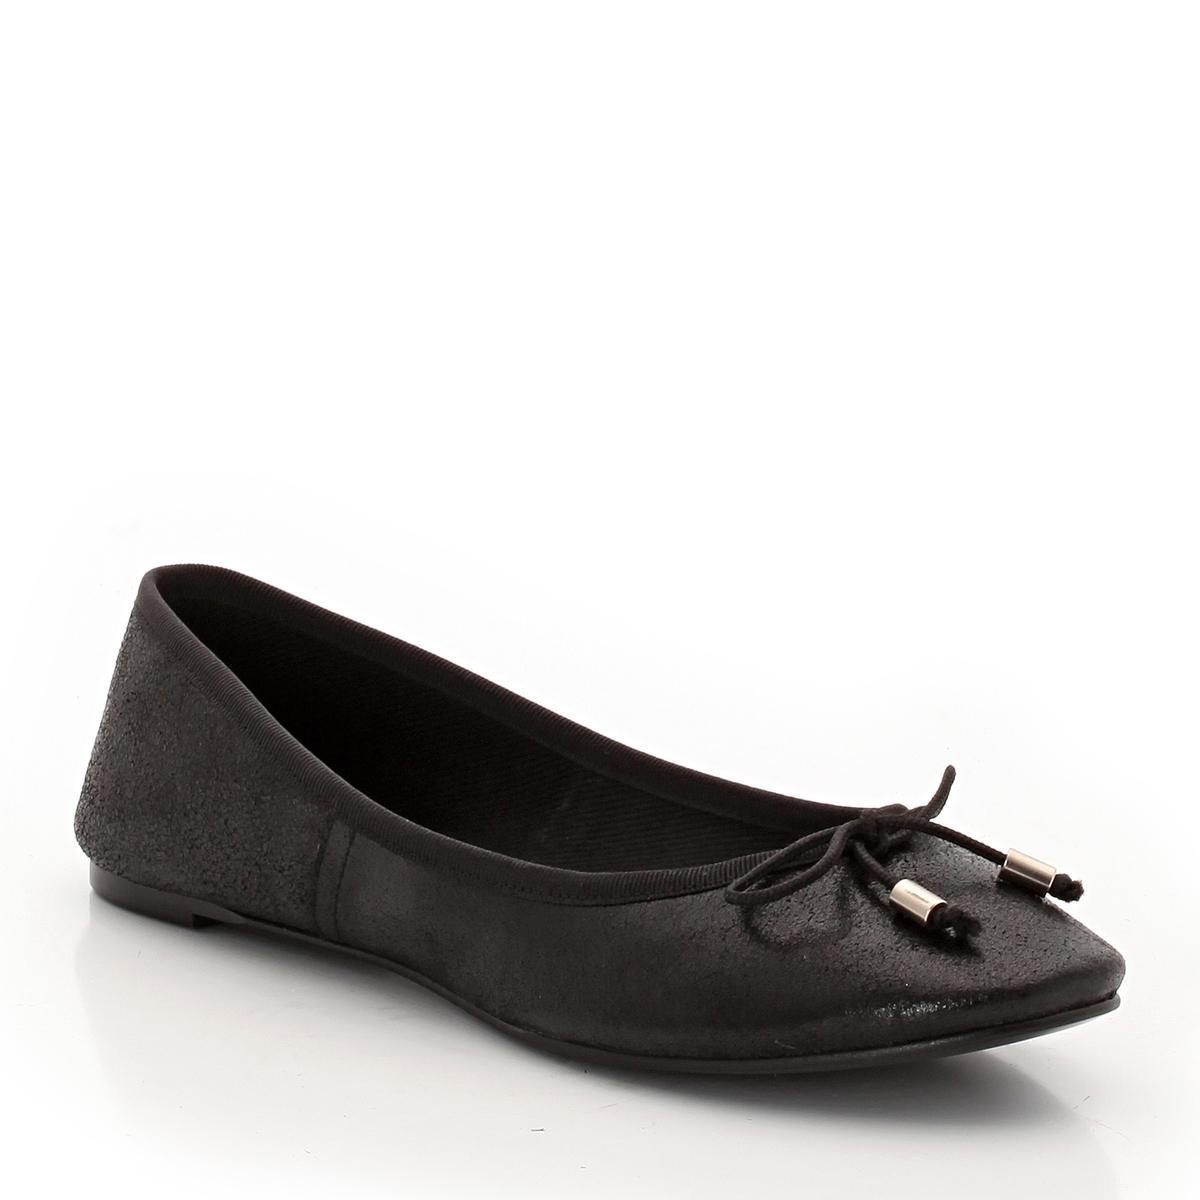 Балетки из кожи DhinВерх : Кожа.   Подкладка : Кожа.   Стелька : Кожа.   Подошва : эластомер   Форма каблука : плоский каблук   Носок : закругленный   Застежка : без застежки<br><br>Цвет: черный